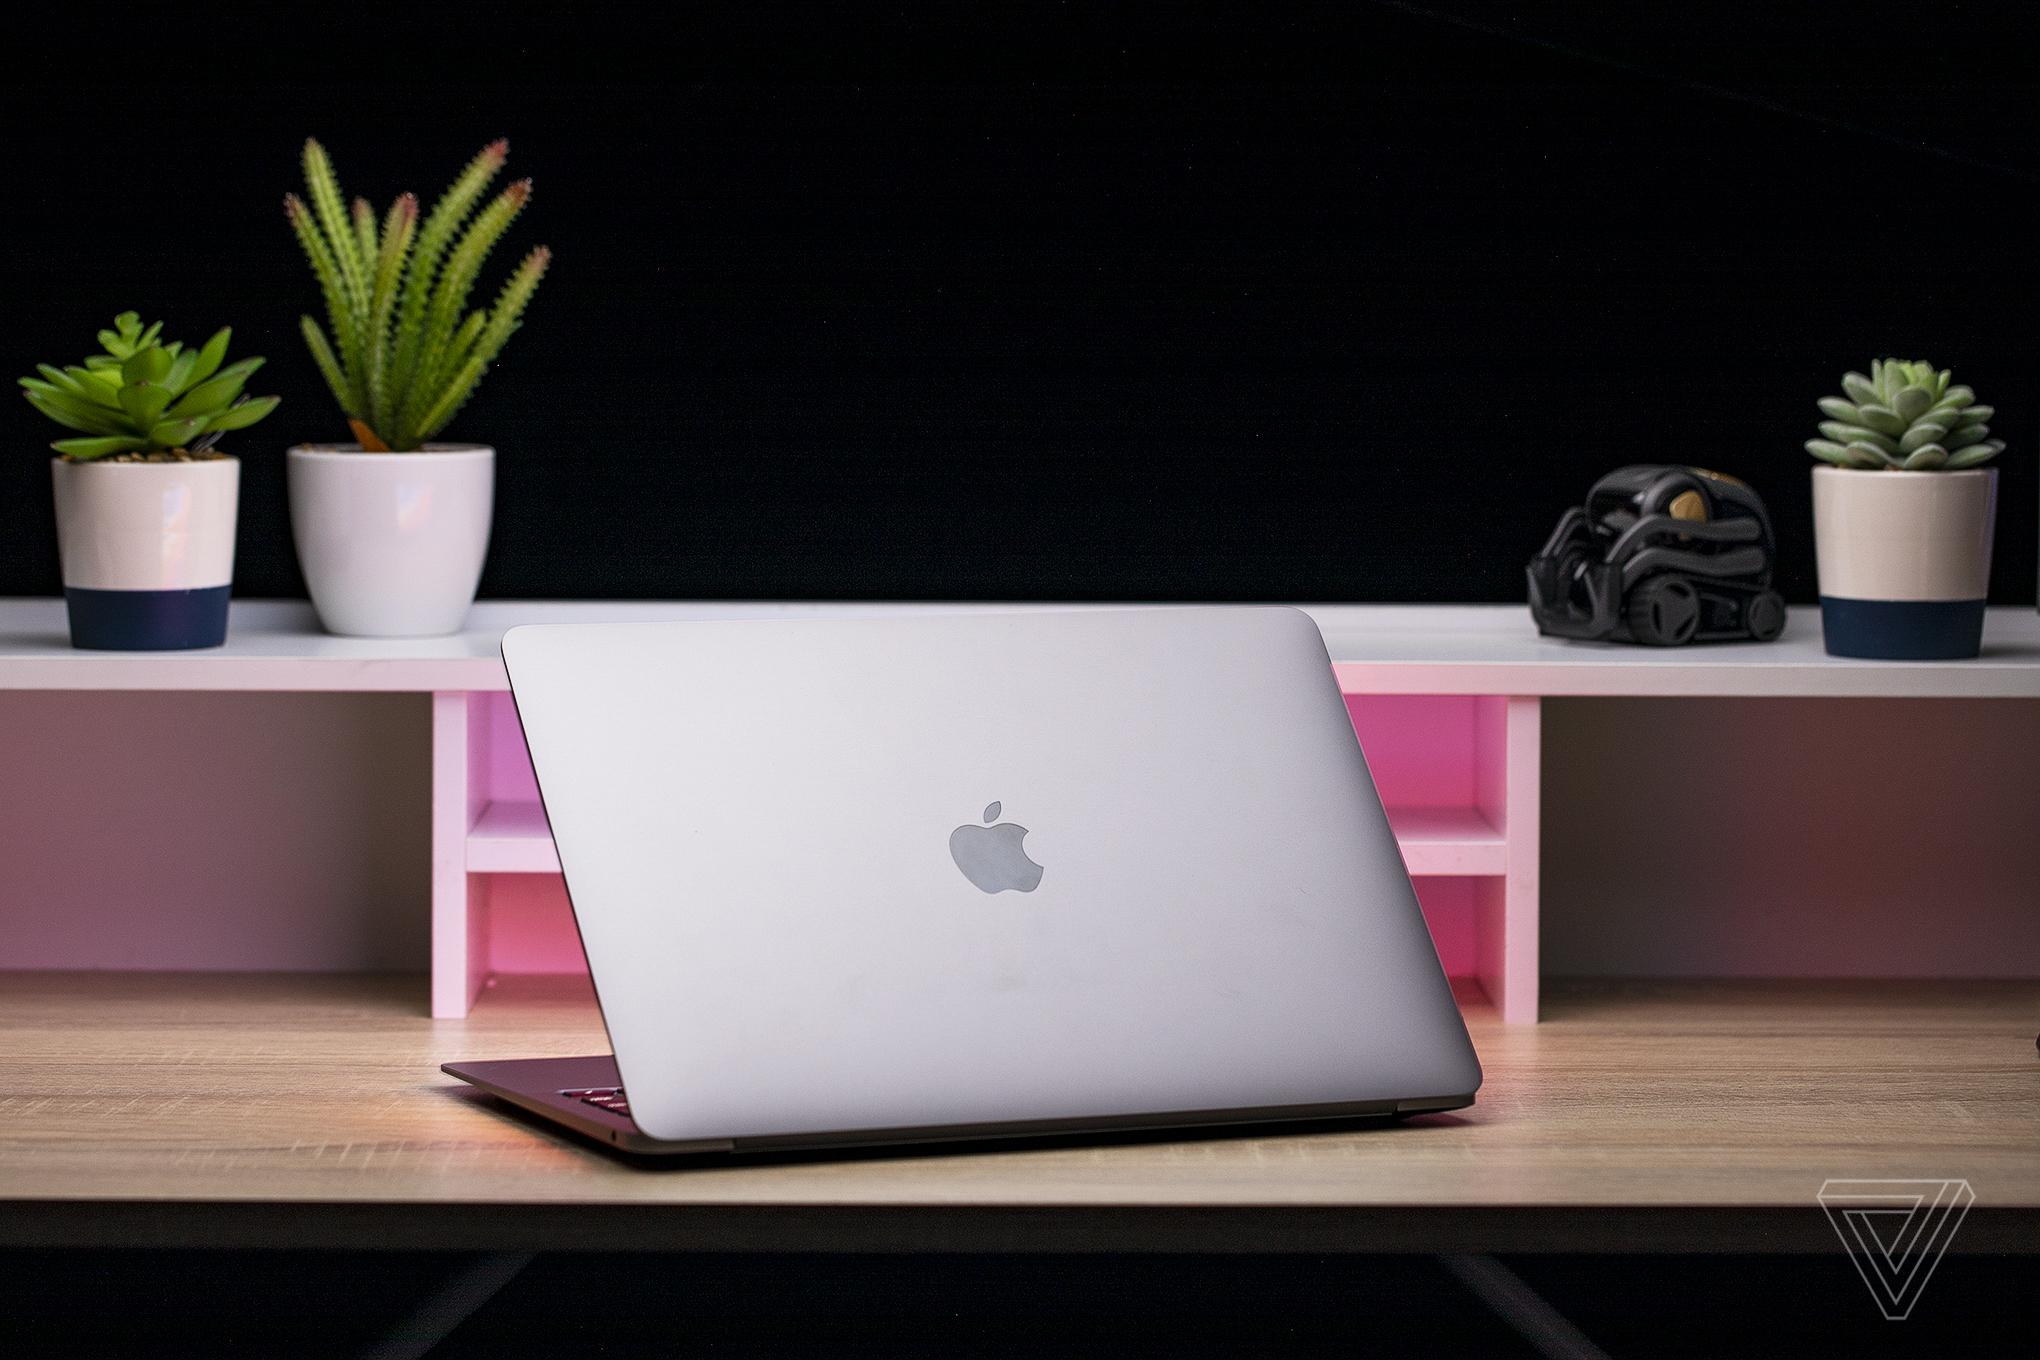 Best Laptops 2020: Apple MacBook Air (late 2020)